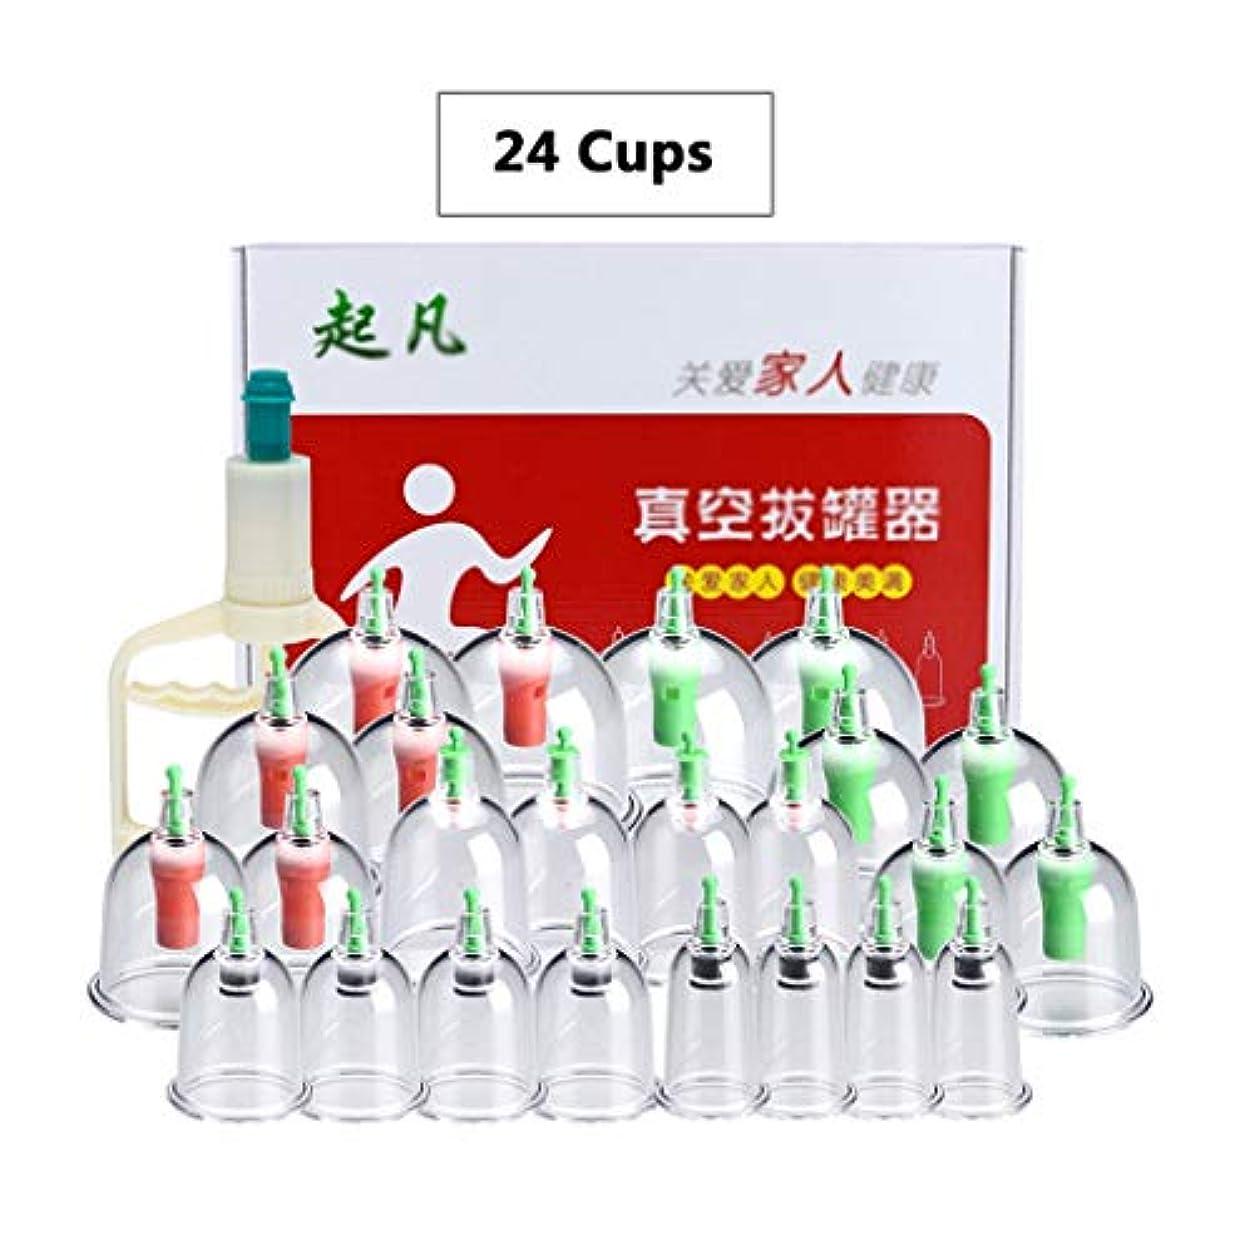 おそらく提供速記家庭用カッピングセット - 24カップ、吸引カッピング療法、真空カッピング、中国カッピングセット、防爆簡単クリーニング、カッピングセラピーカップ (色 : 24 Cups)